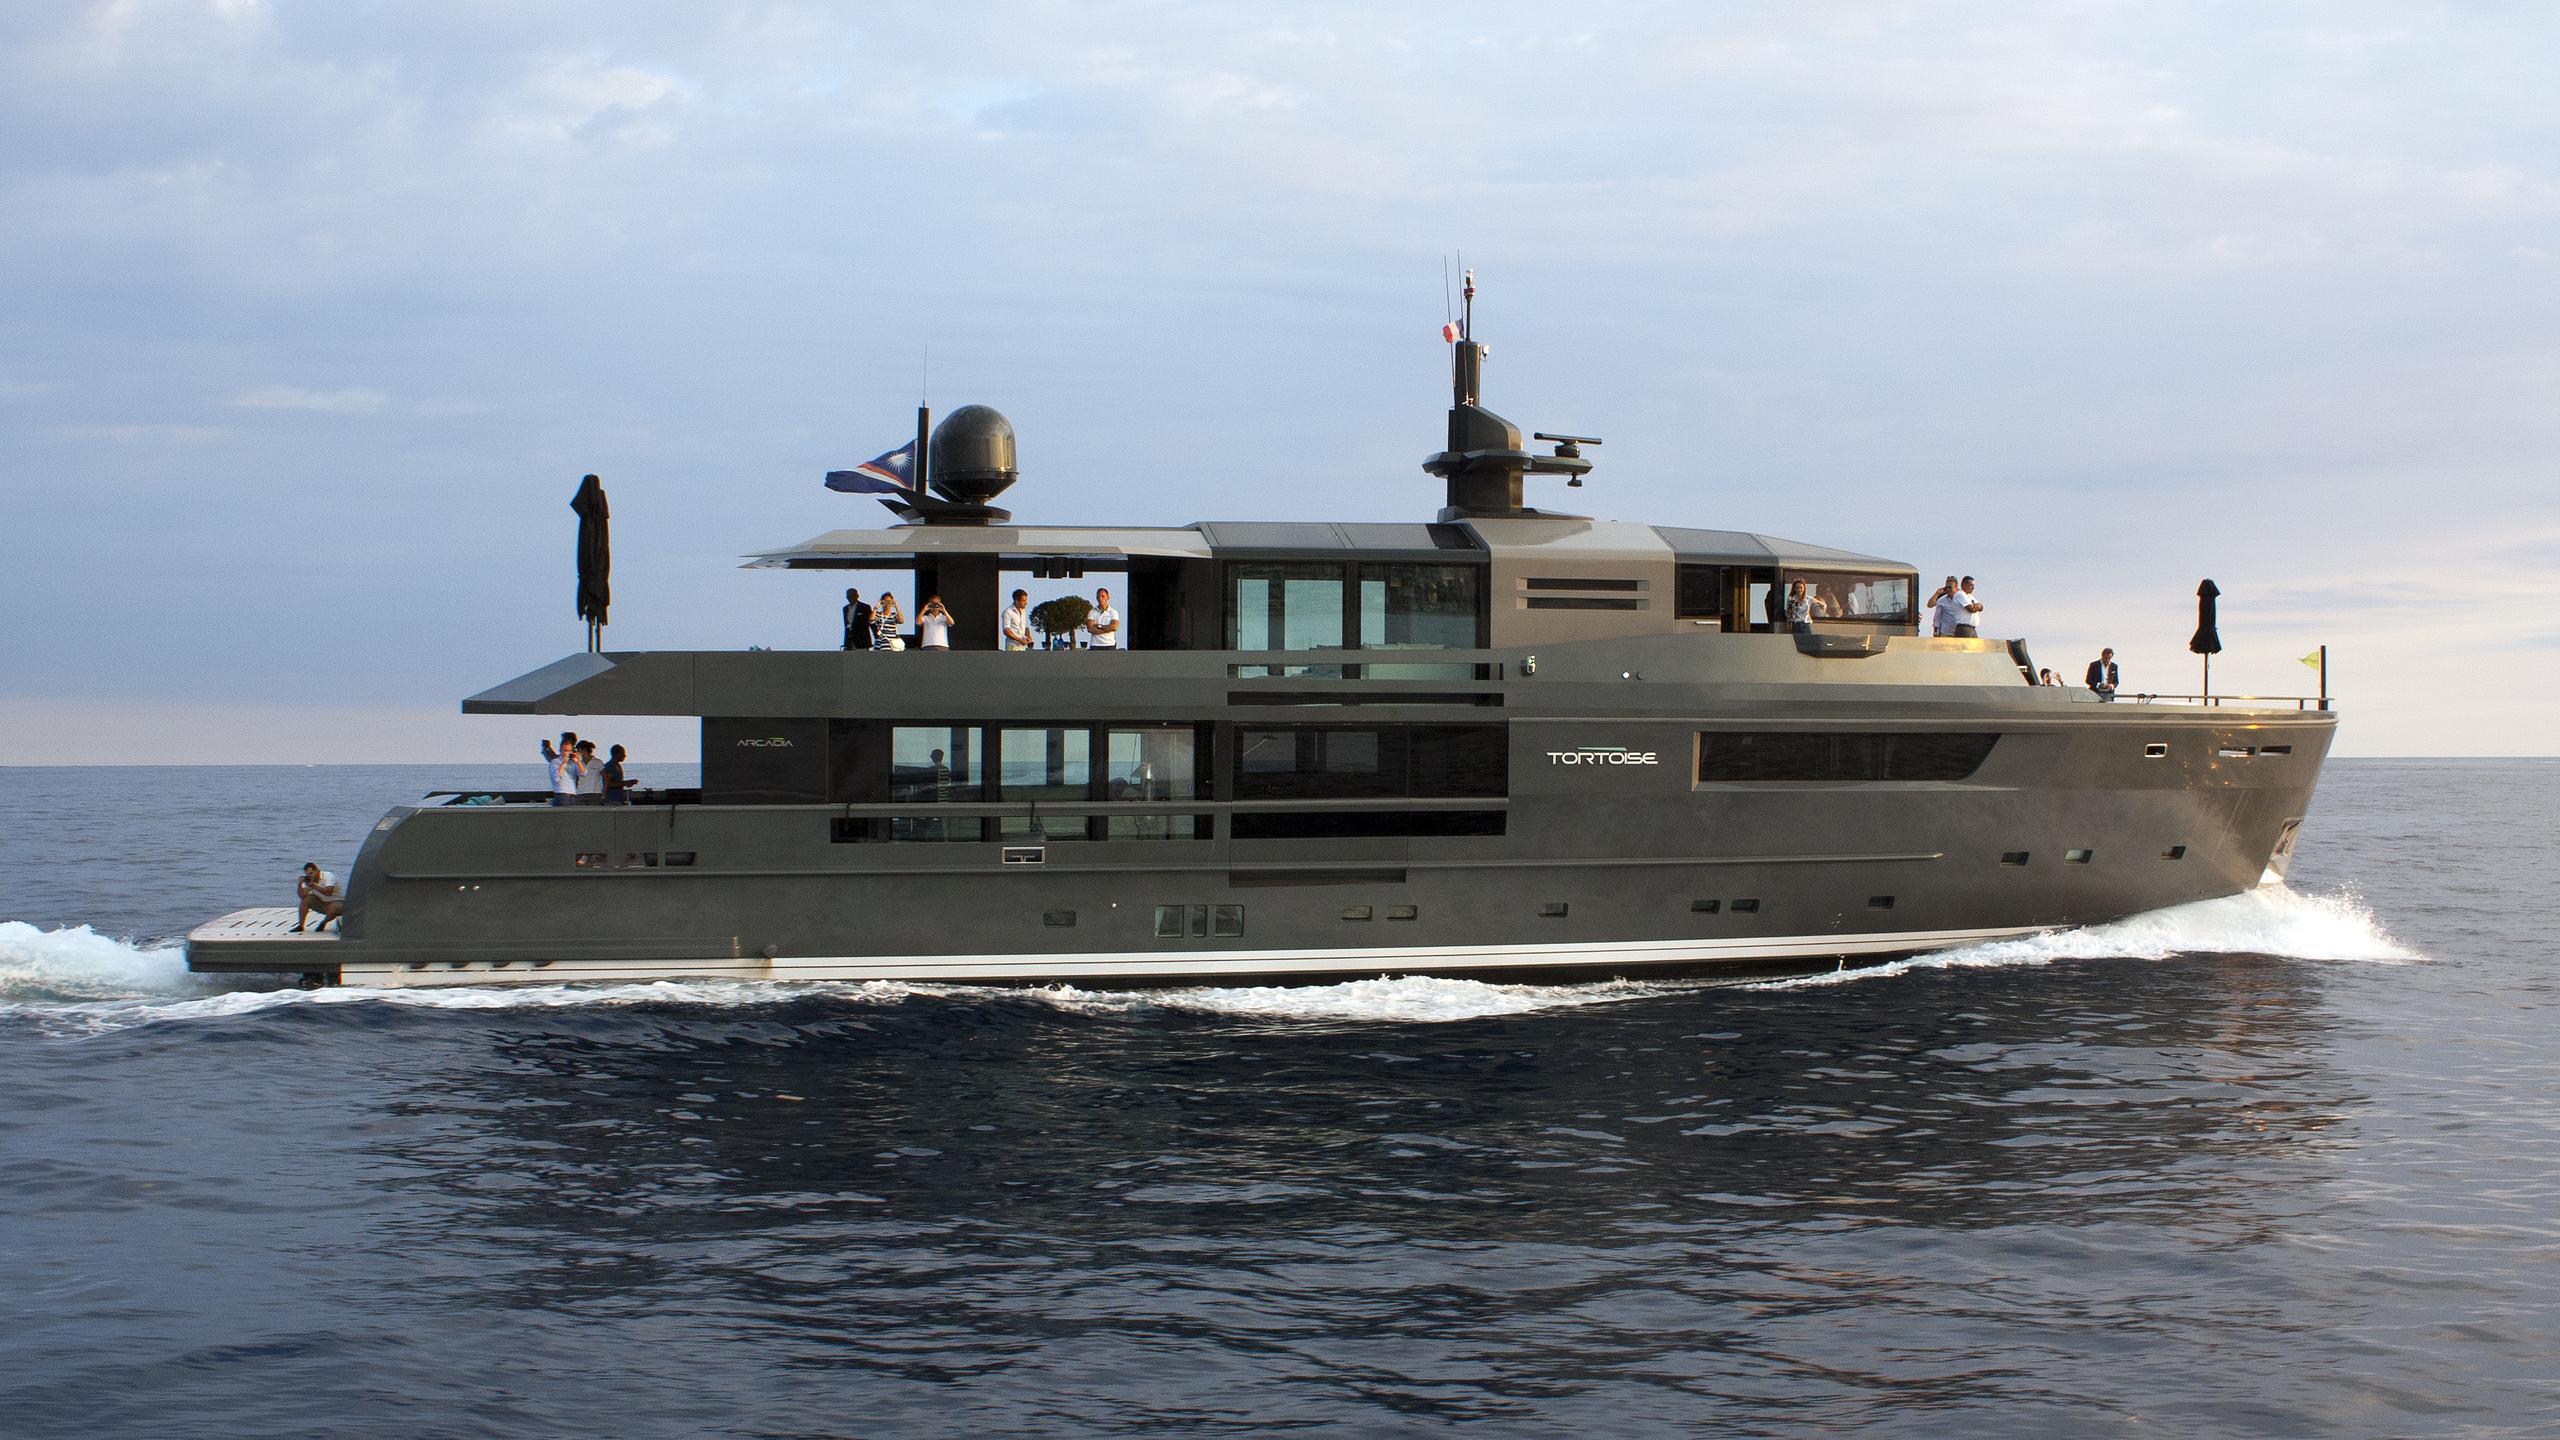 tortoise motoryacht arcadia yachts 115 2015 35m profile